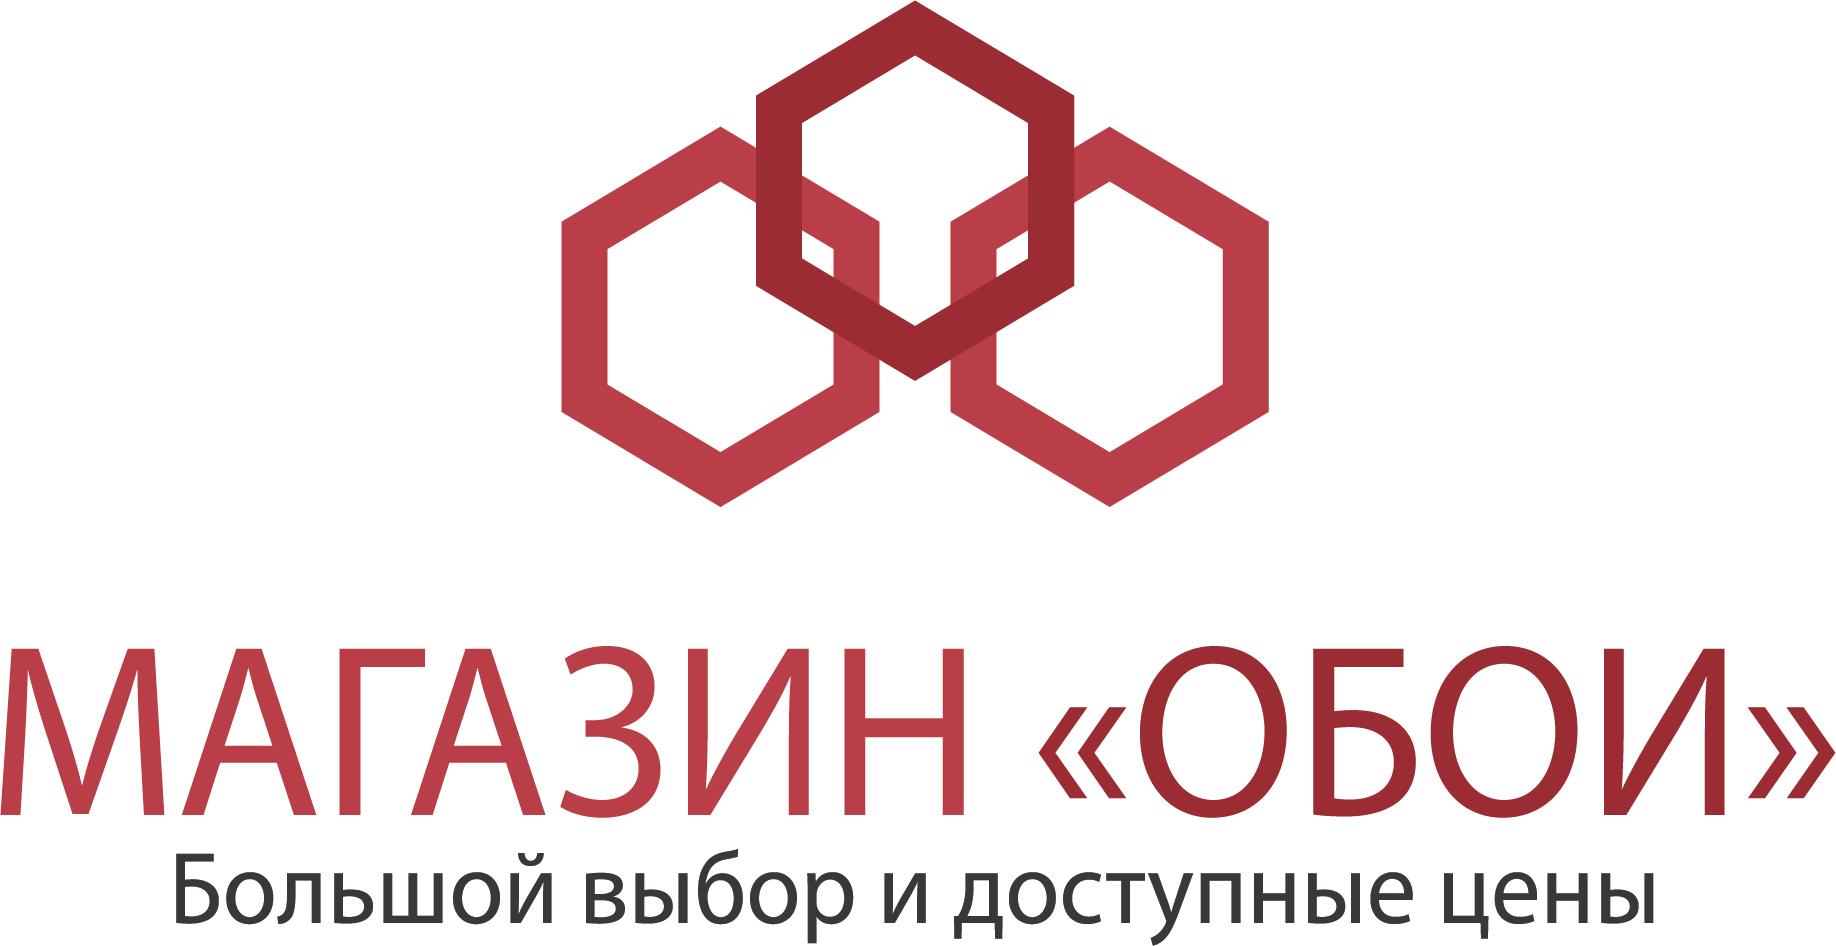 Магазин Обоев Харьков